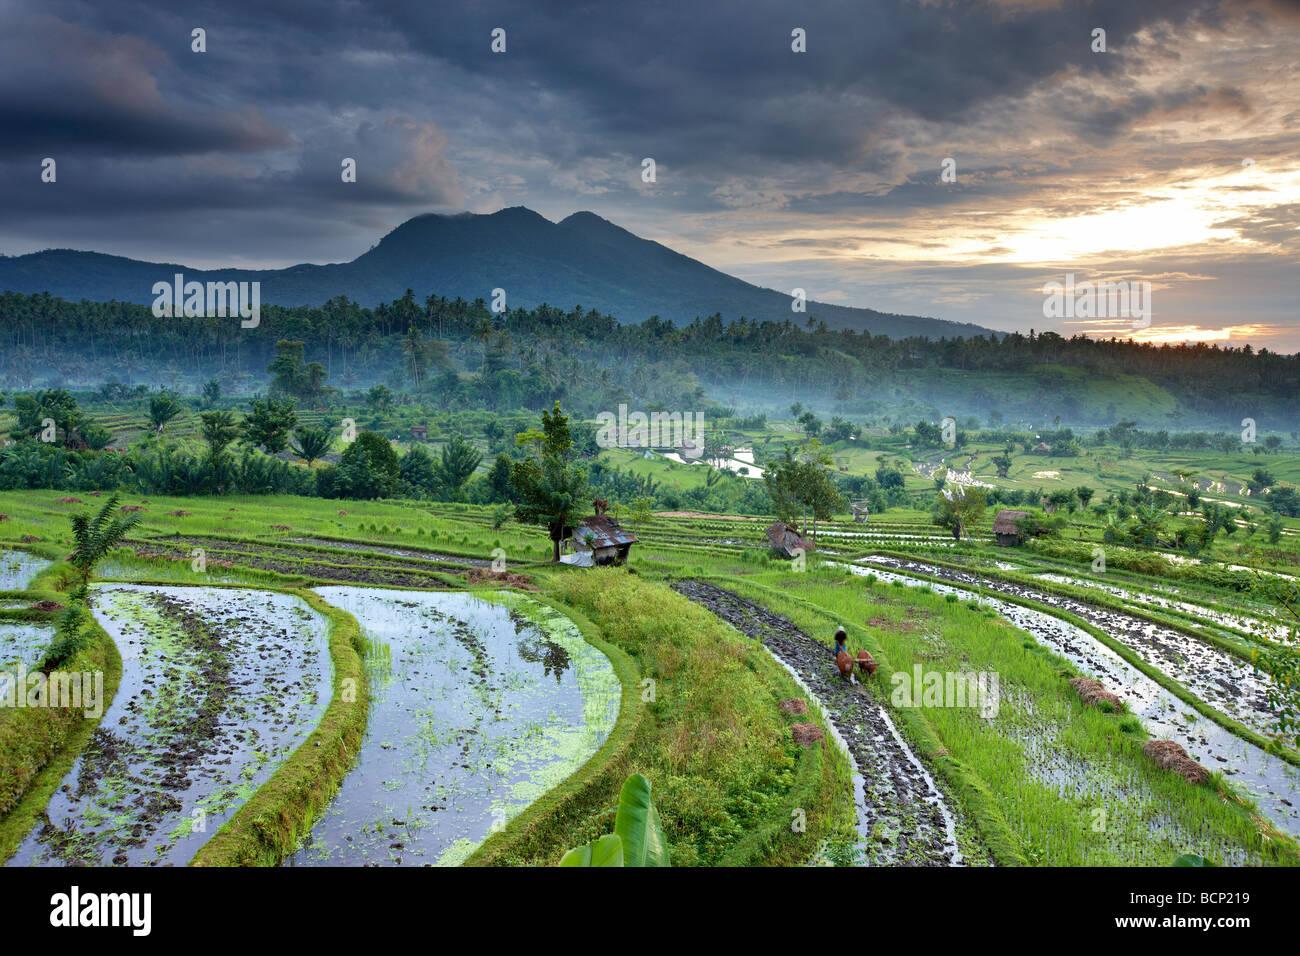 Ox conduzido arado no os socalcos campos de arroz nr Tirtagangga ao amanhecer com o pico vulcânico de Gunung Imagens de Stock